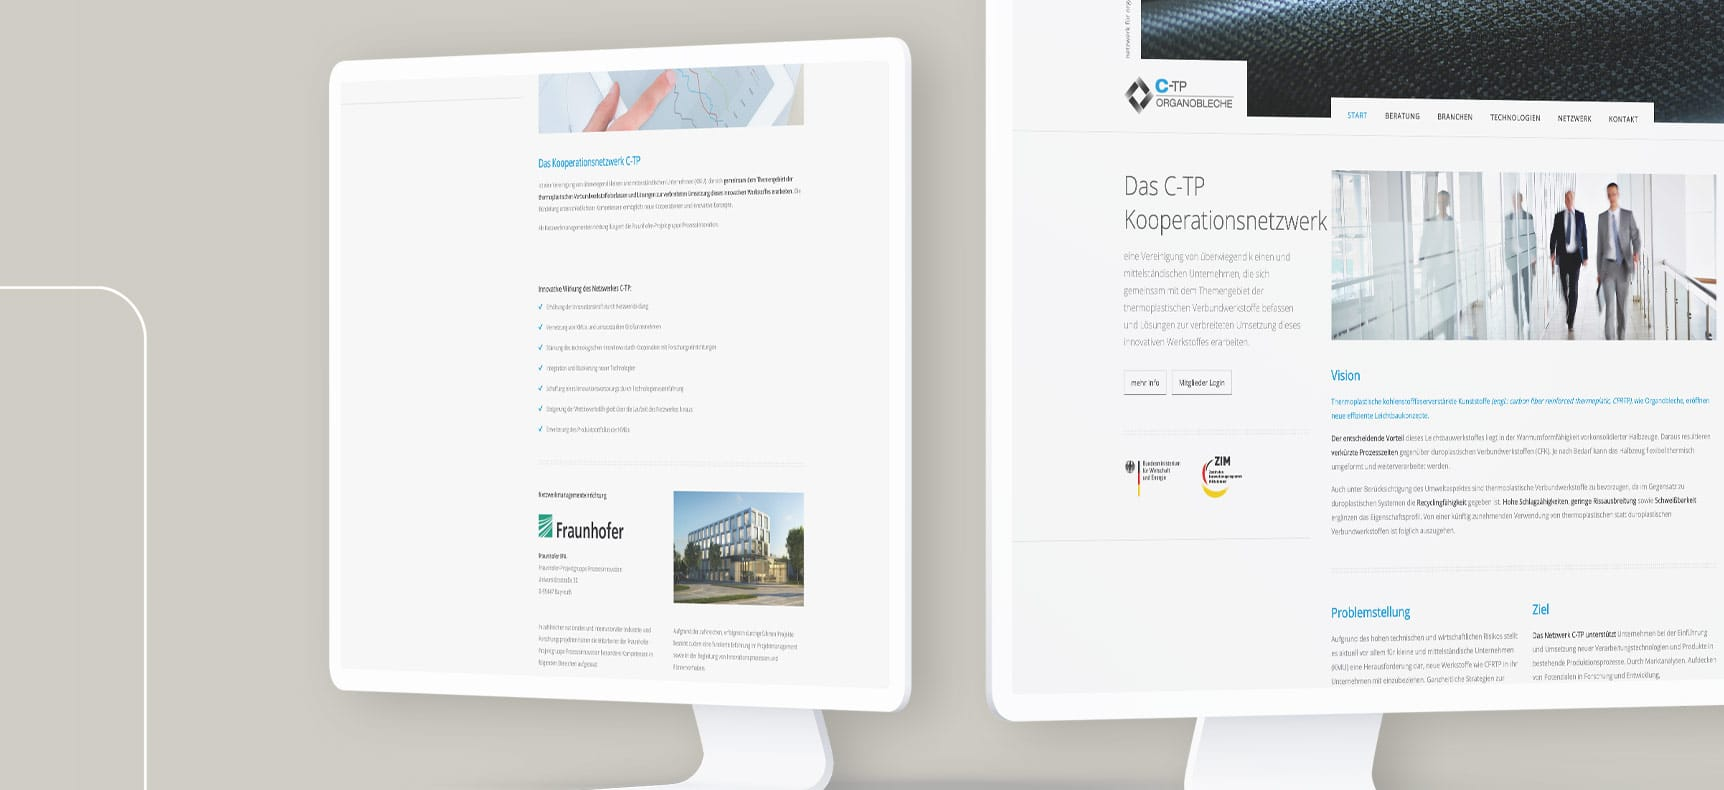 CTP-Netzwerk für Fraunhofer | Website erstellt von StatusZwo.com